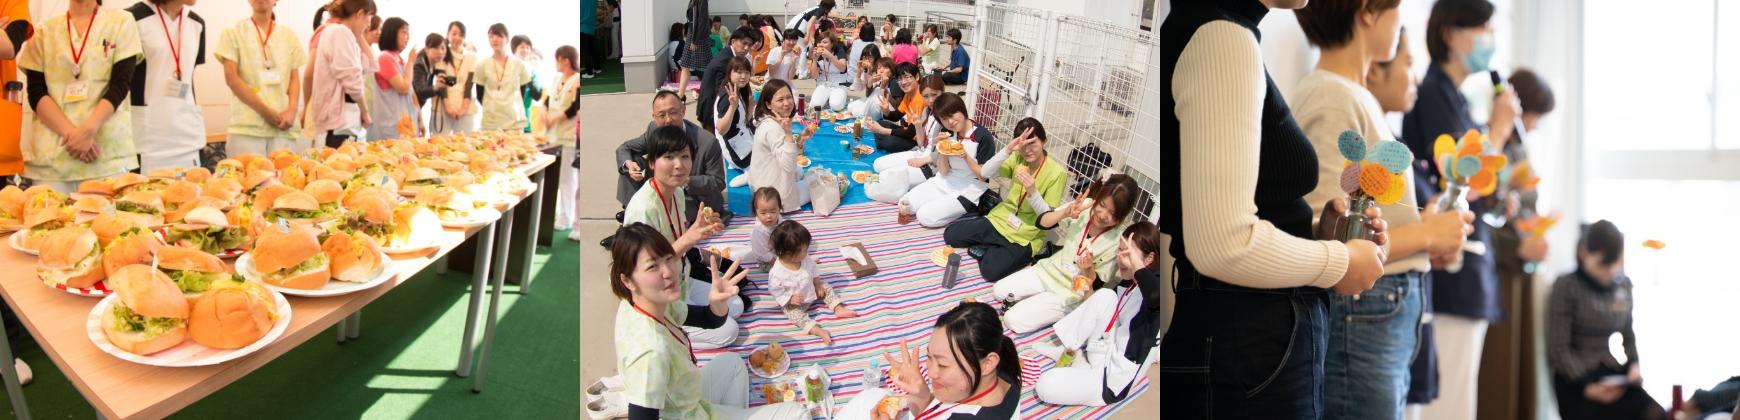 広島県安芸郡海田町の歯科医院「ひまわり歯科」風通しのよい職場へ「まかない」の開催